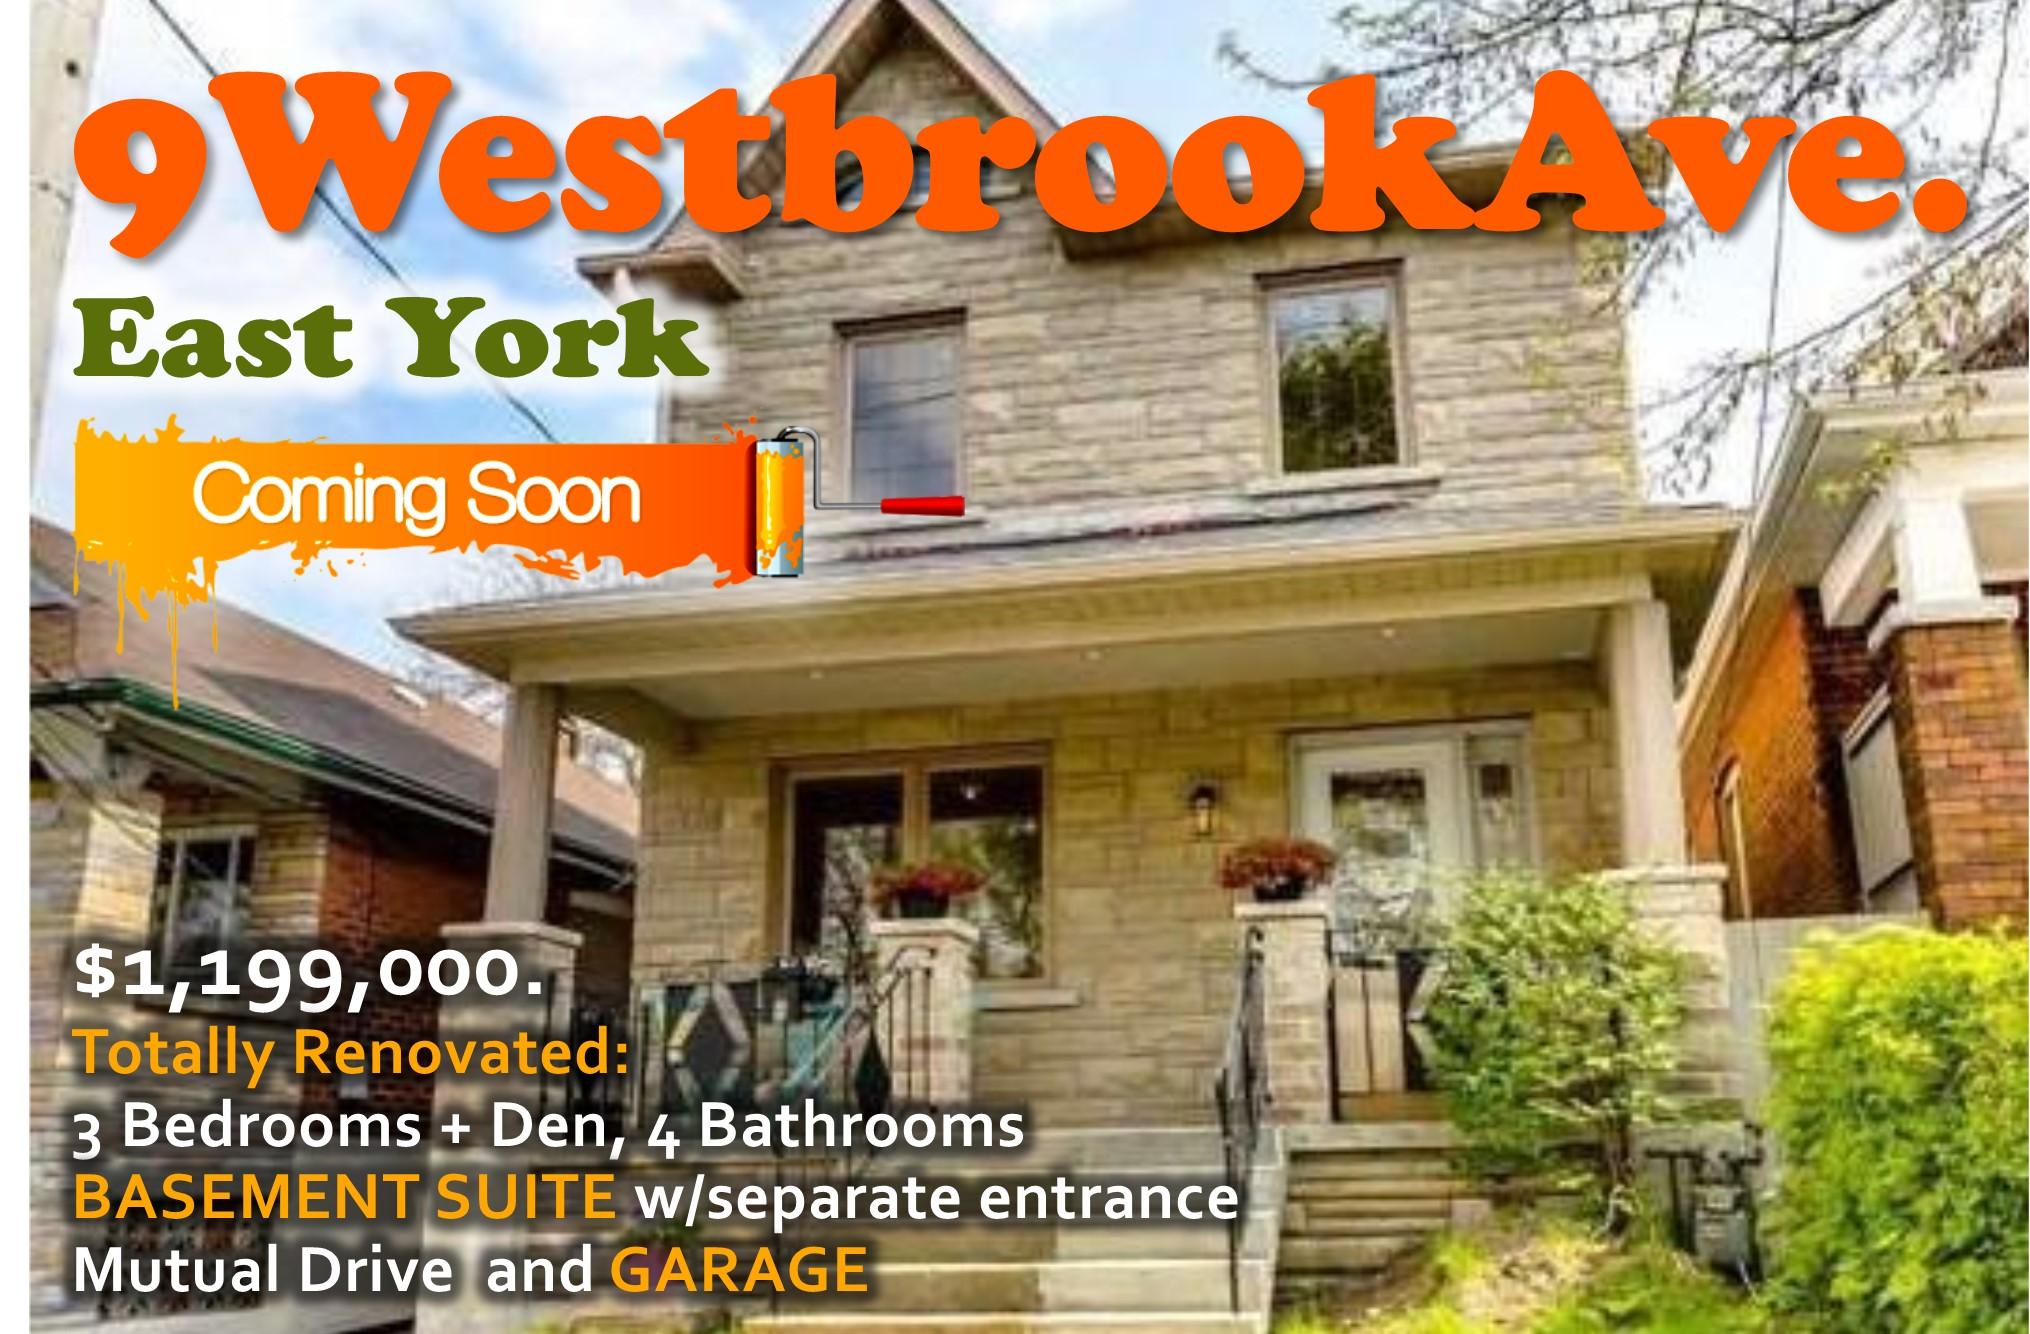 UBERTOR COMING SOON 9 Westbrook Ave..jpg